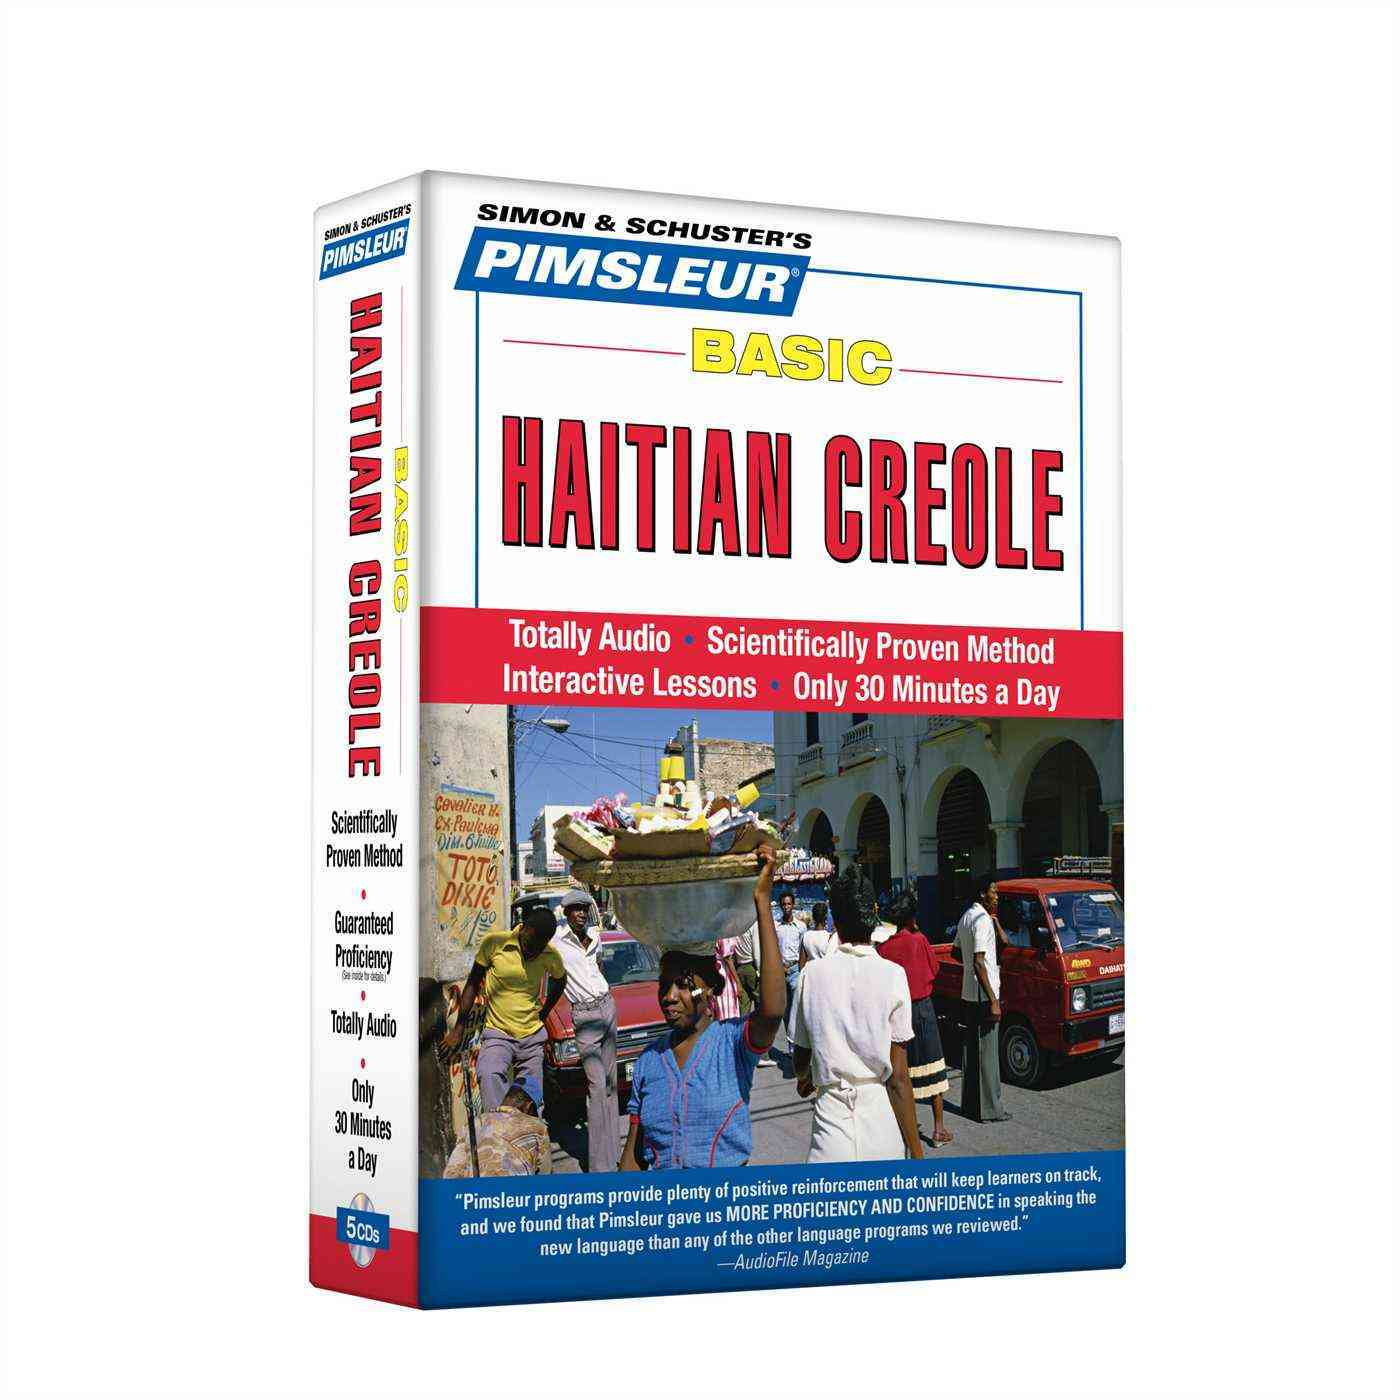 [CD] Basic Haitian Creole By Pimsleur (COR)